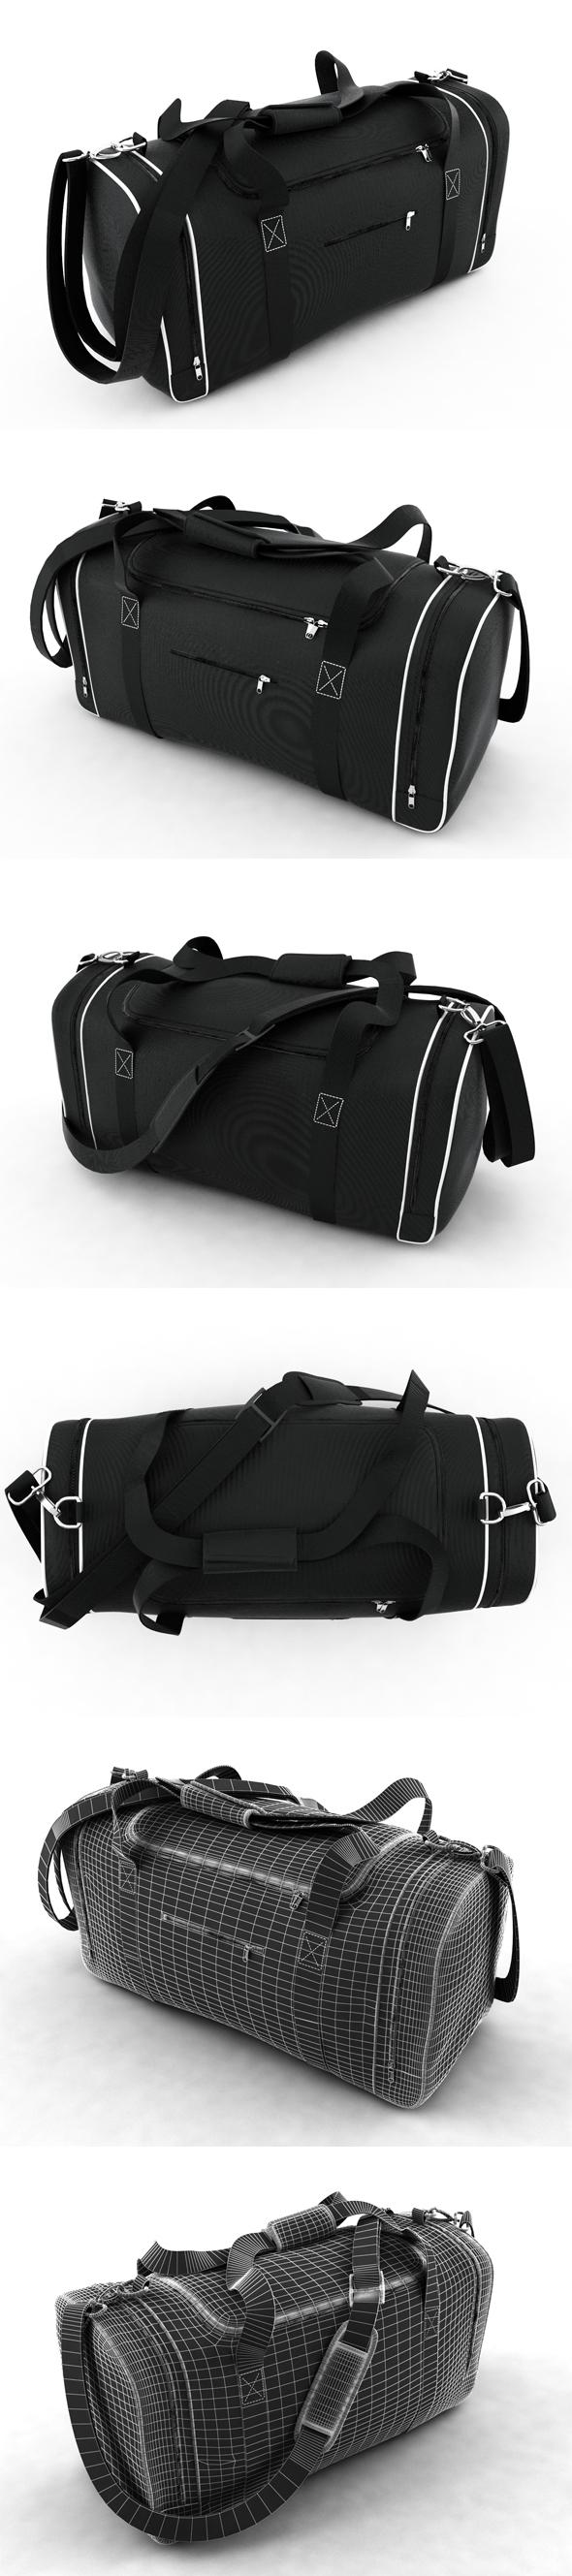 Sport bag - 3DOcean Item for Sale